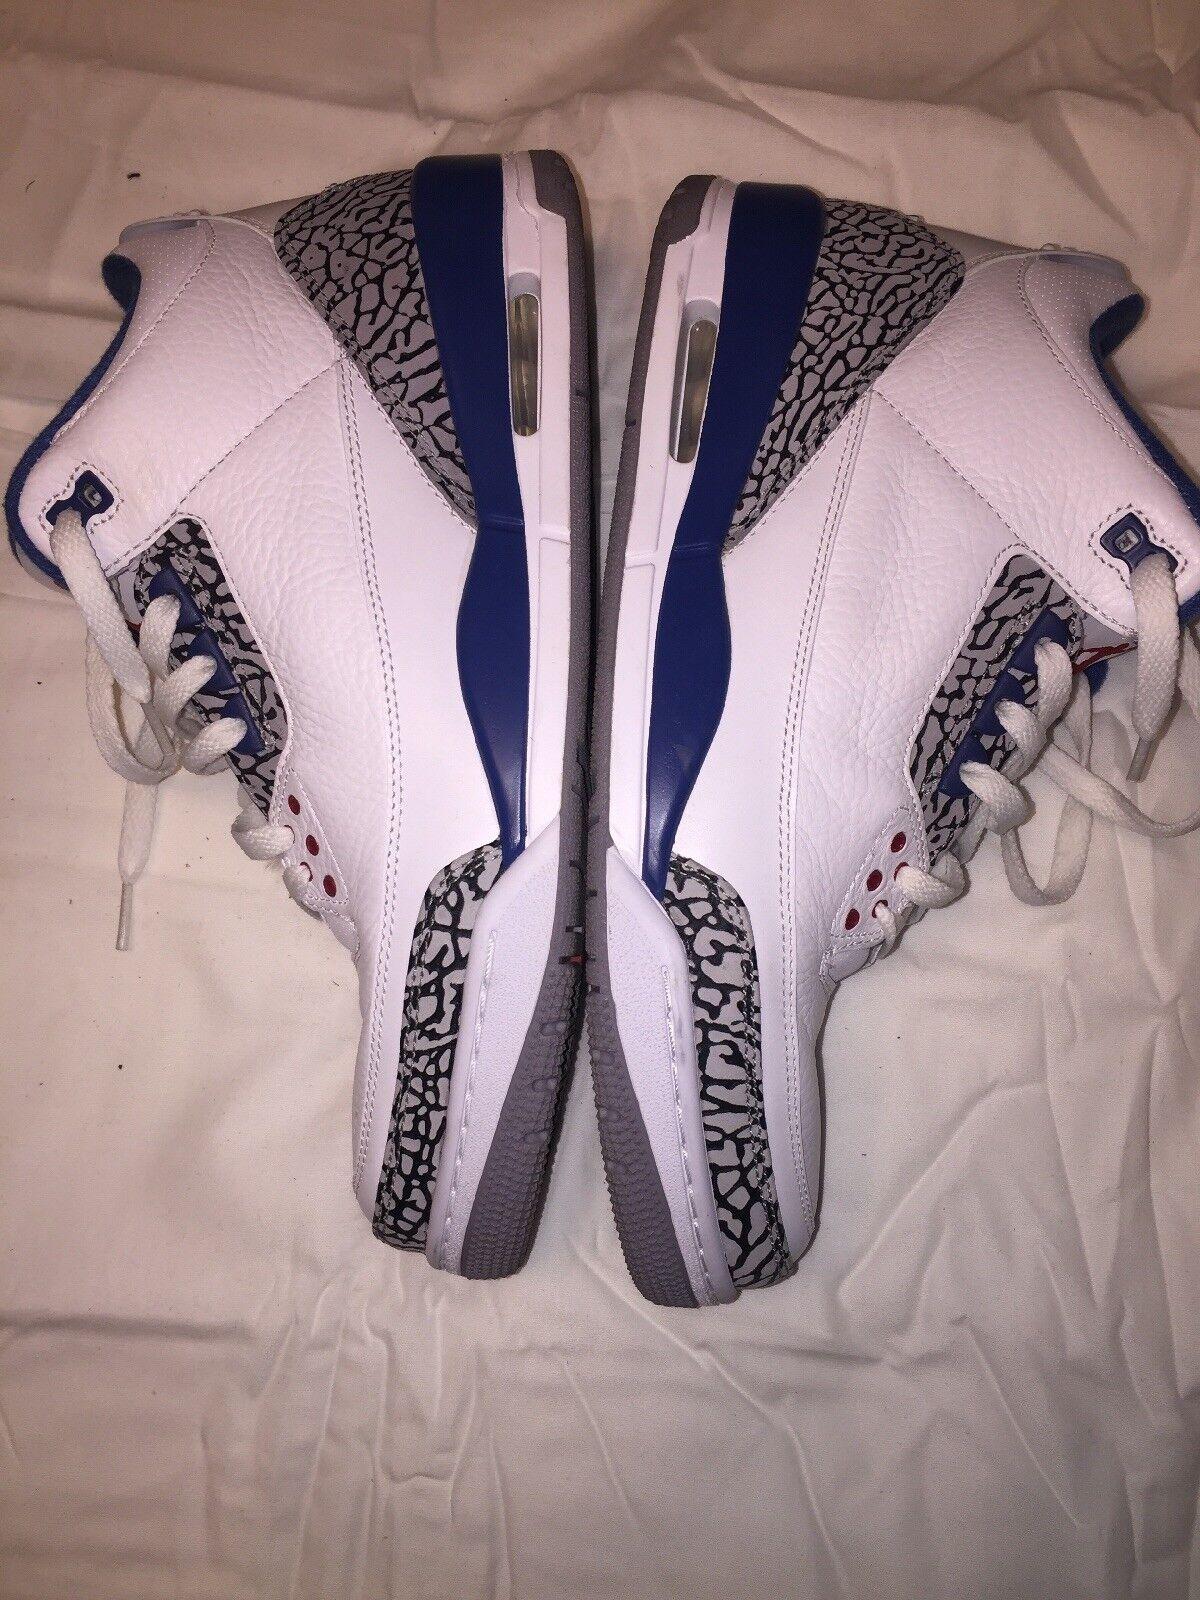 Jordan 3 Retro  True bluee (2011)  Sz 11.5